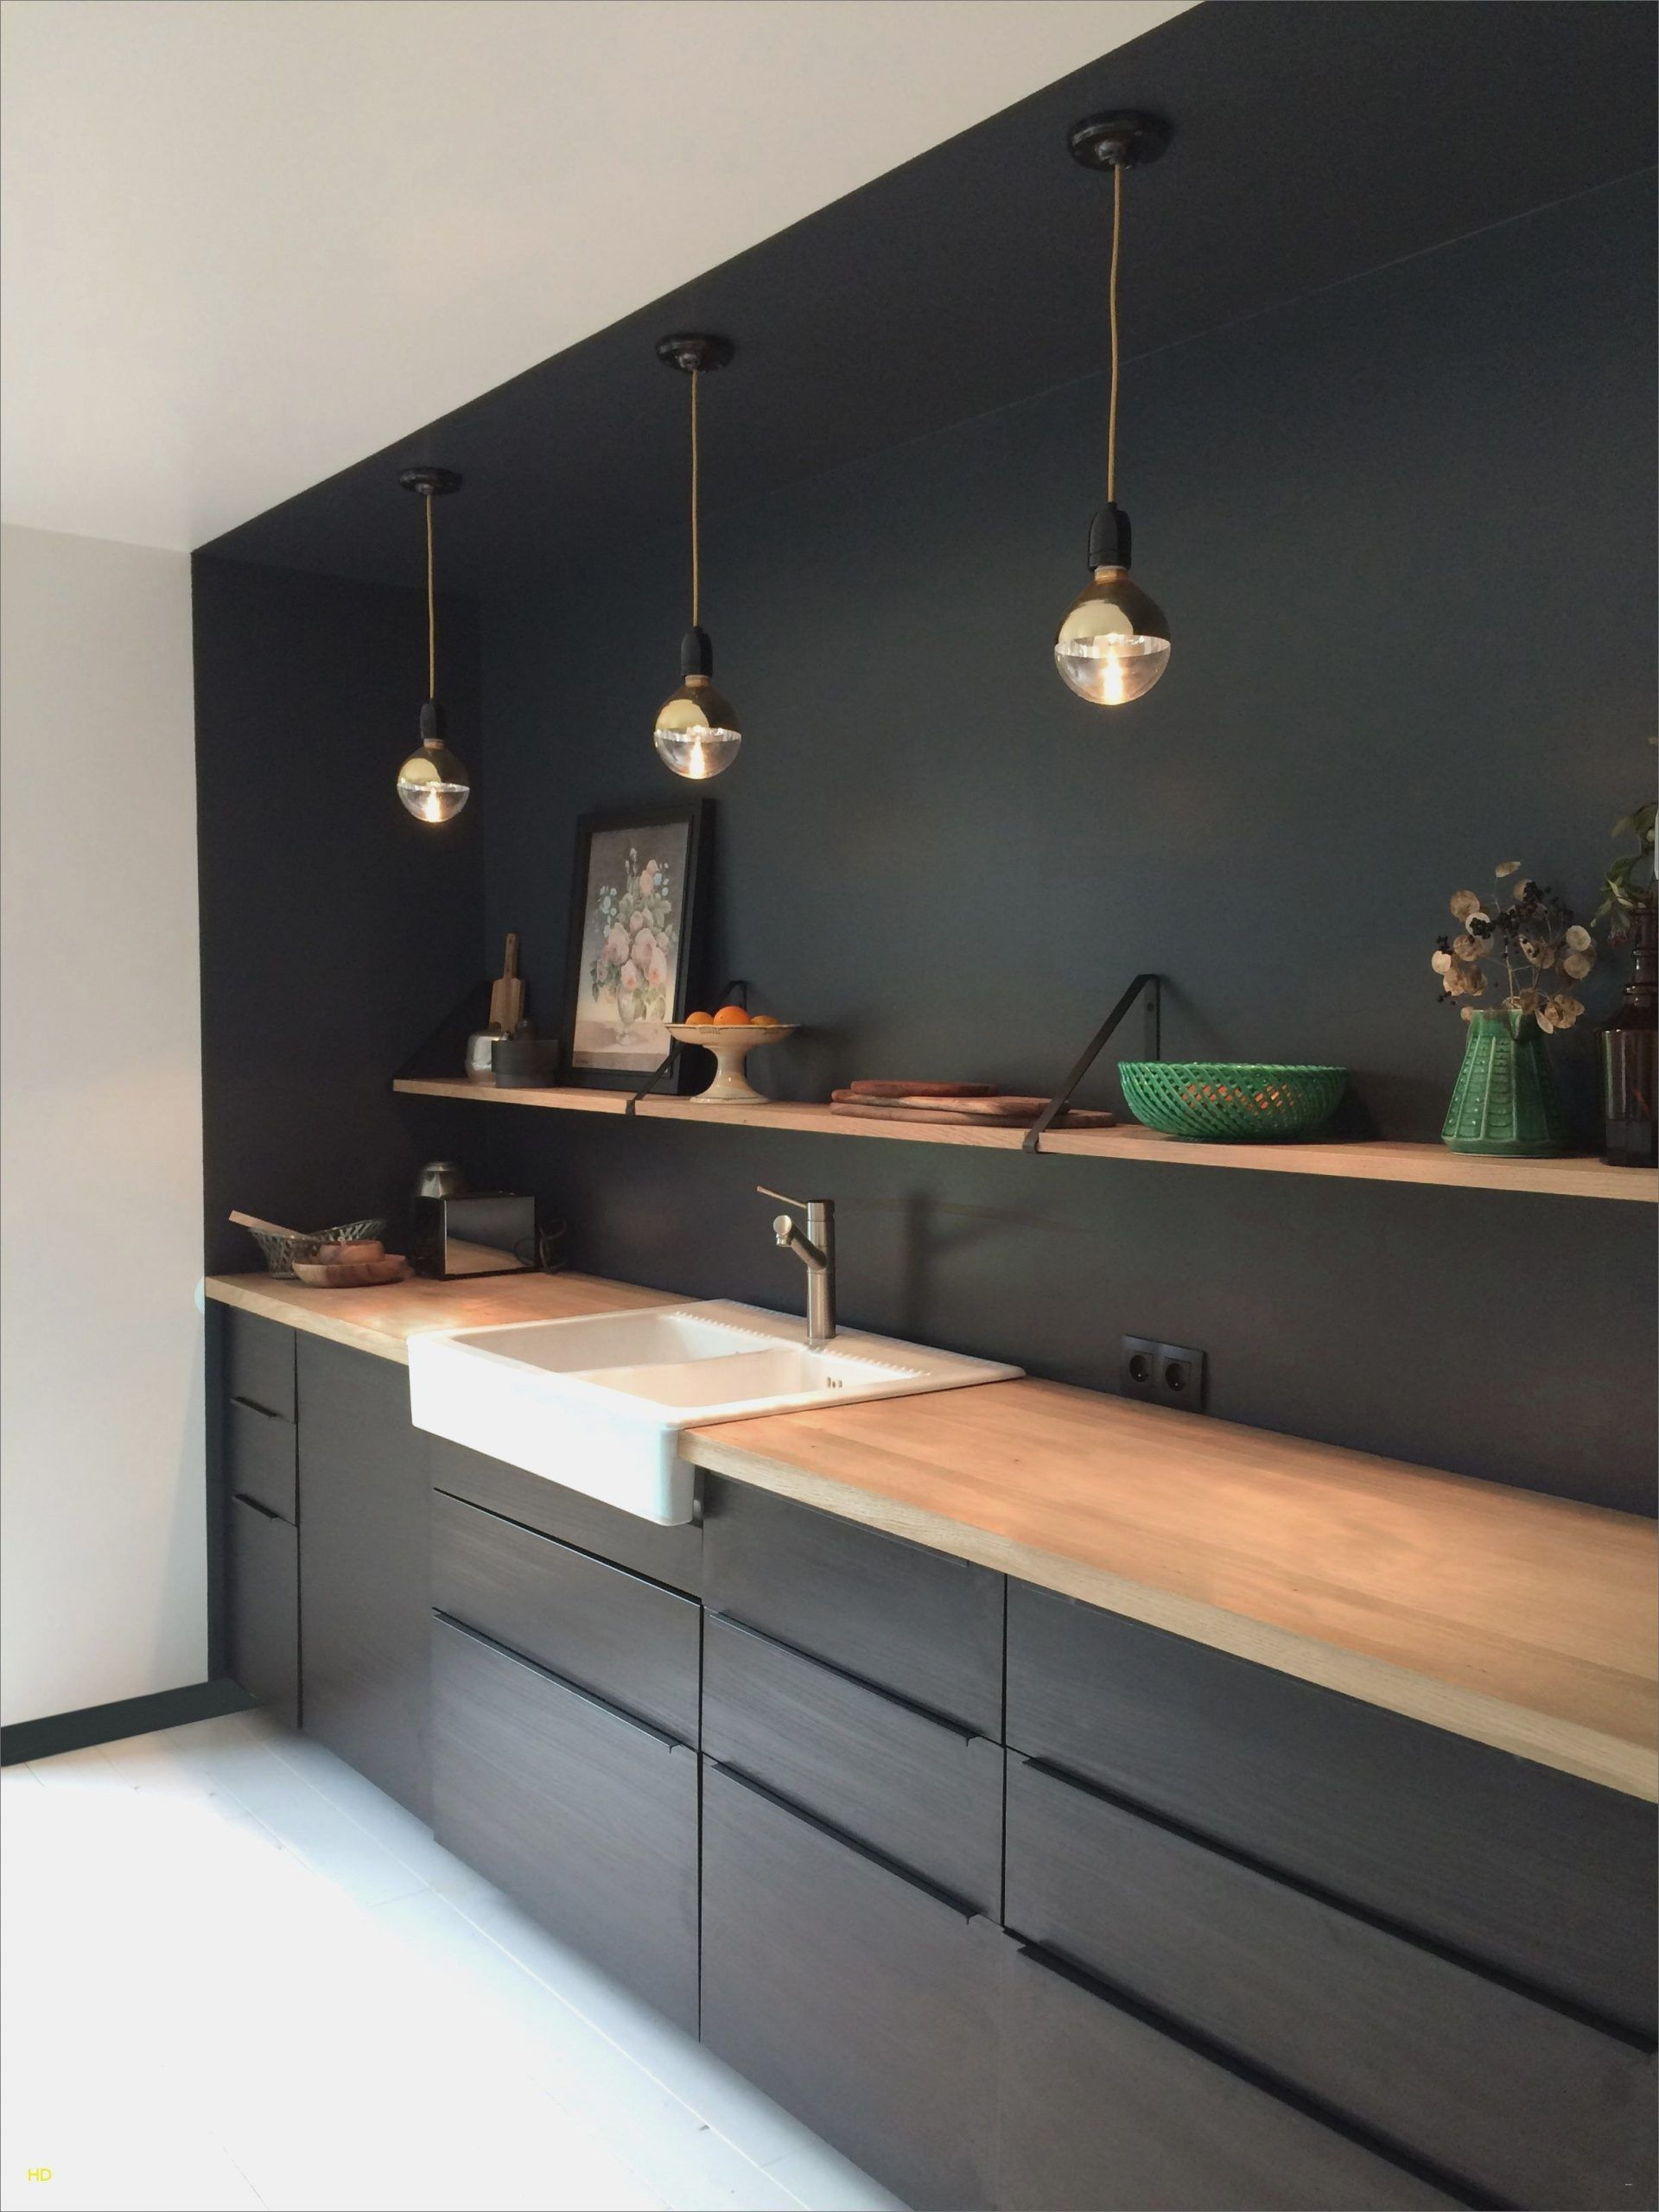 Leises Klimagerat Schlafzimmer Tabouret Plan De Travail Bettdecken Daunen Test Bettdecken Daunen In 2020 Ikea Kitchen Design Kitchen Cabinet Design Kitchen Interior